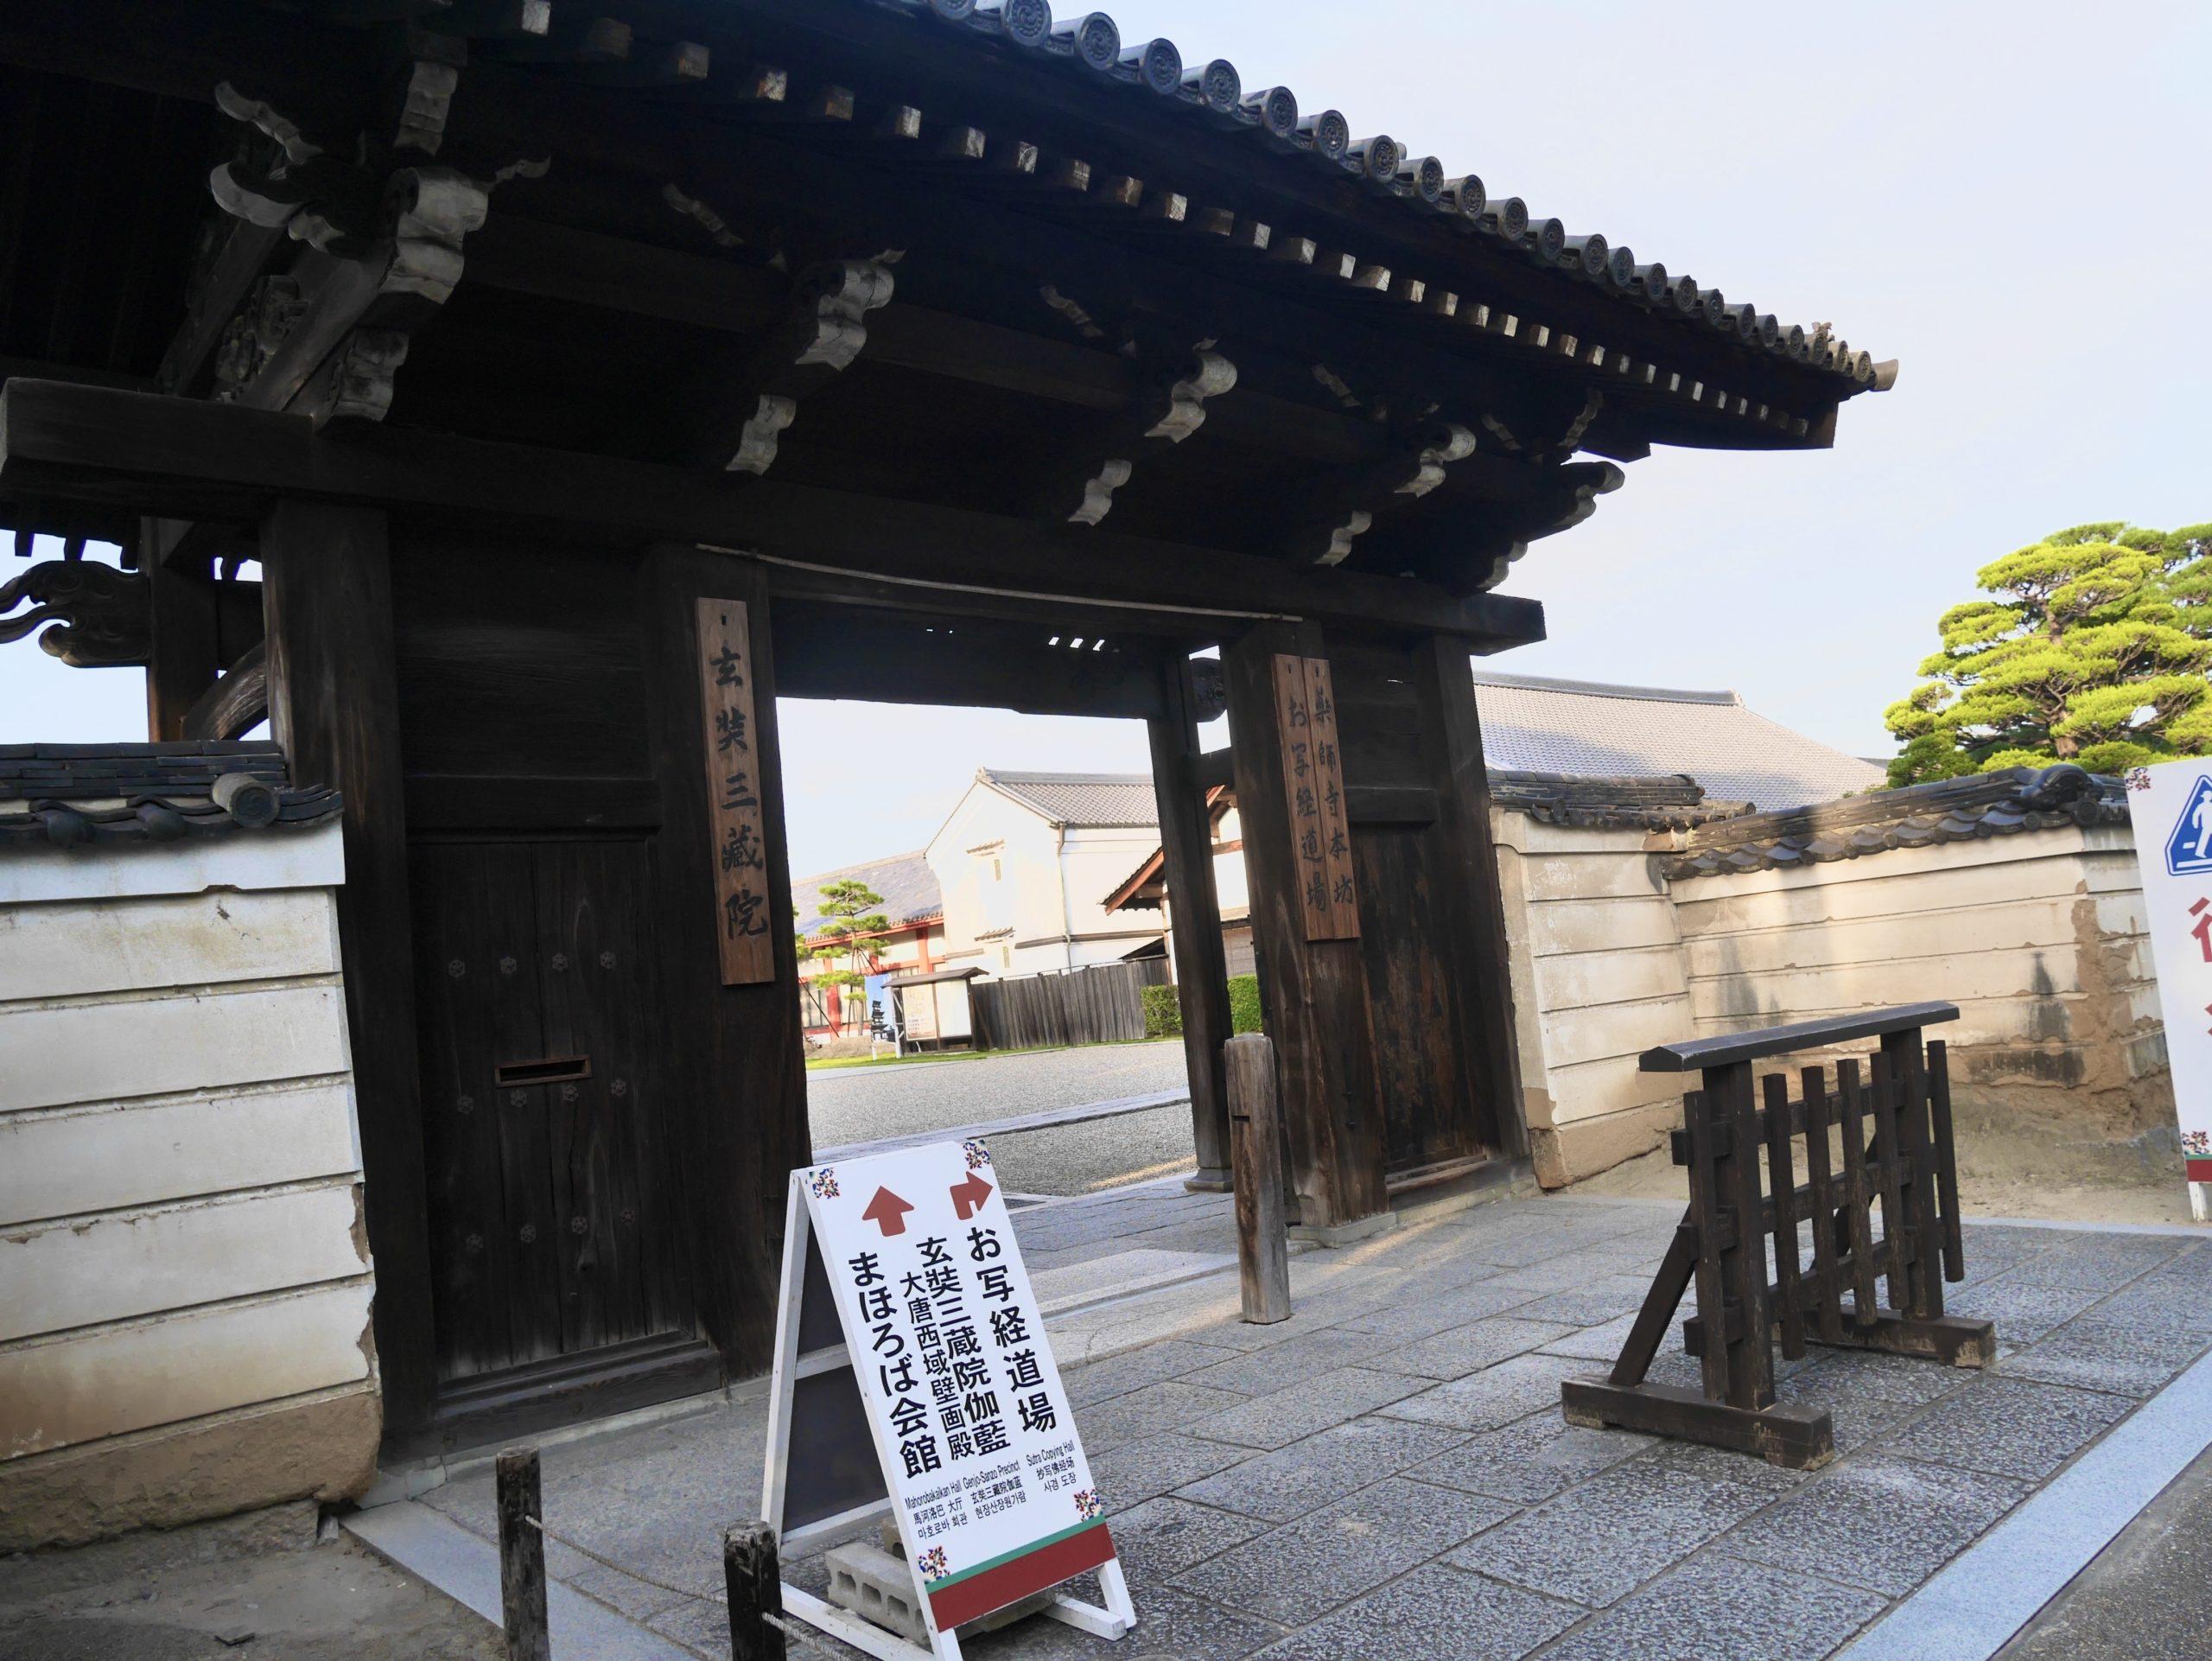 奈良薬師寺お写経道場へのアクセス